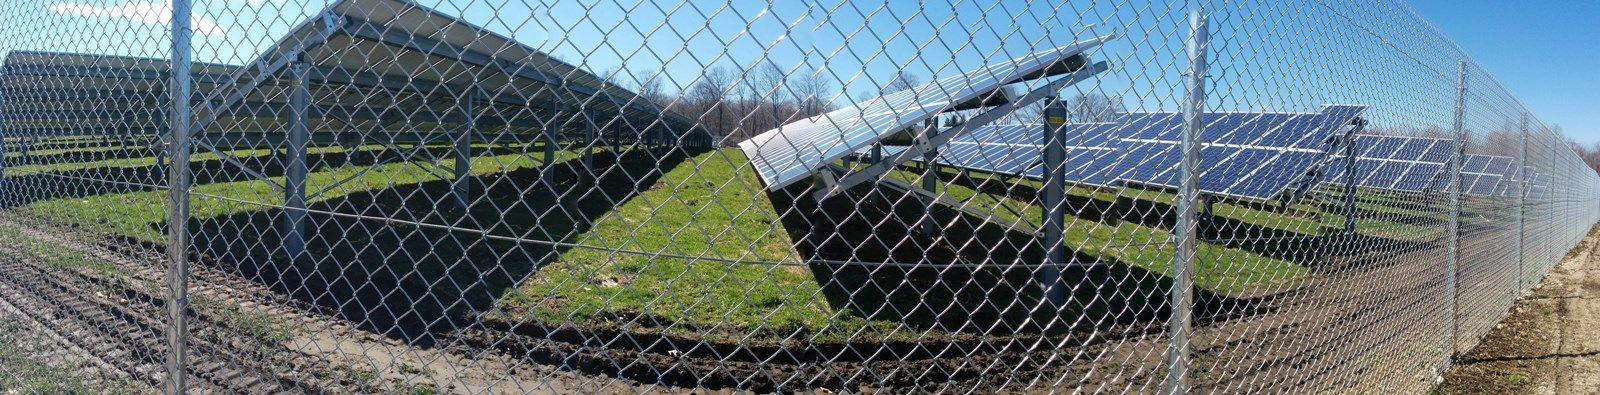 Solar Farm Perimeter Security System Perimeter Security Security Solutions Solar